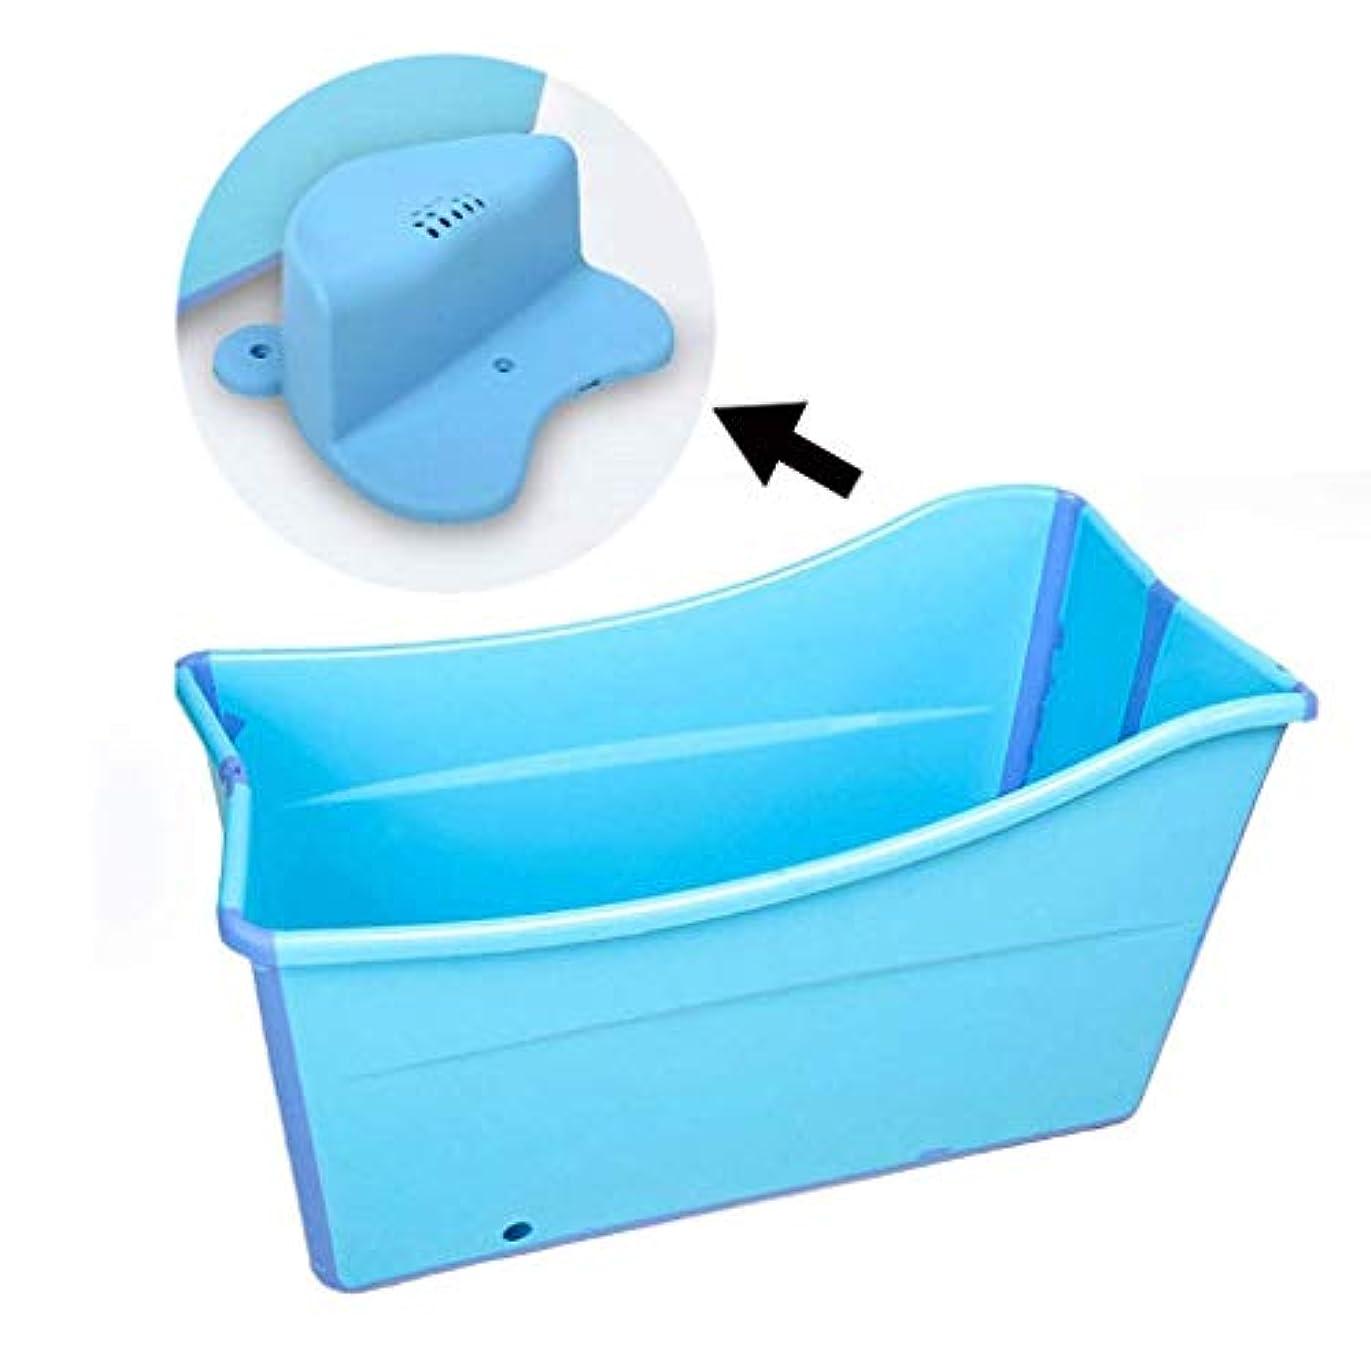 故障飢年金ジャンボ折り畳み浴槽に入浴椅子があり、夏のプールの独立式浴槽桶は成人/老人、子供、SPA理学療法に適していて、浴槽がさらに高くなって、長い保温時間に蓋が付いています (Color : Blue)